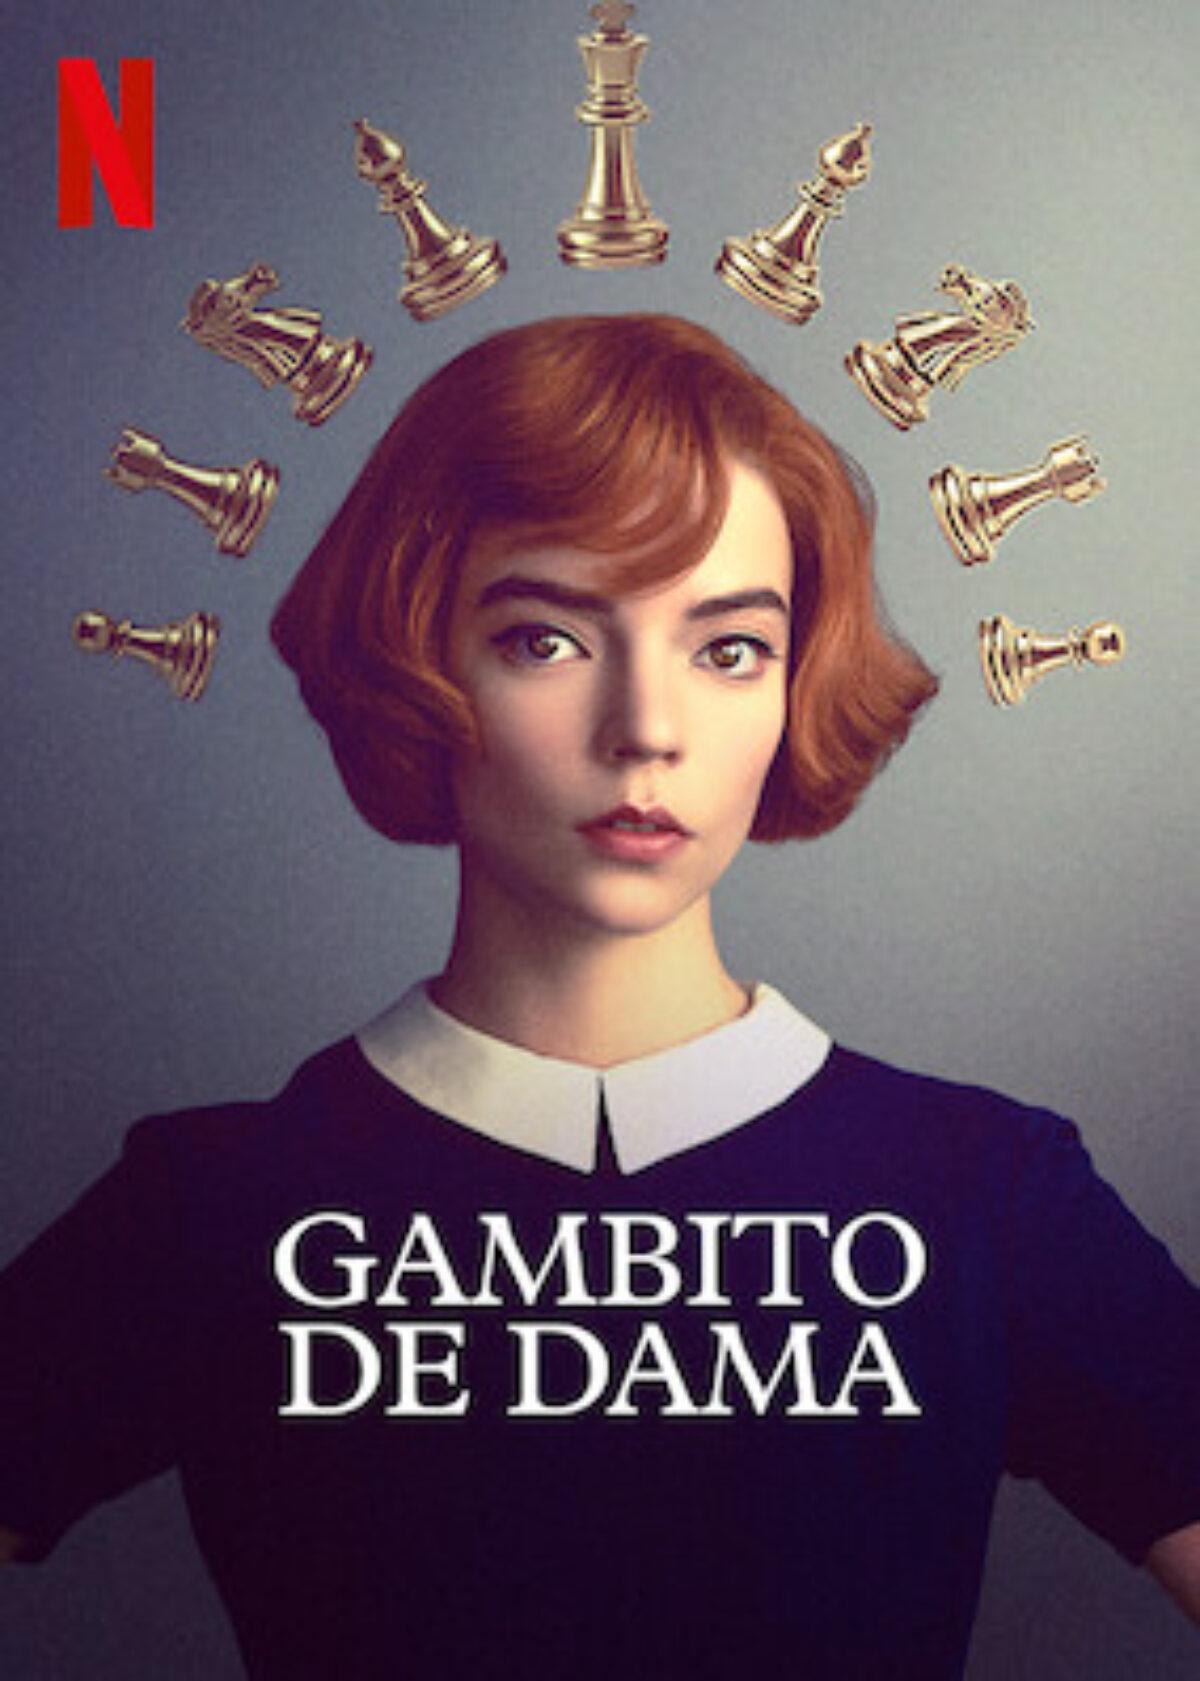 Cartel Gambito de dama